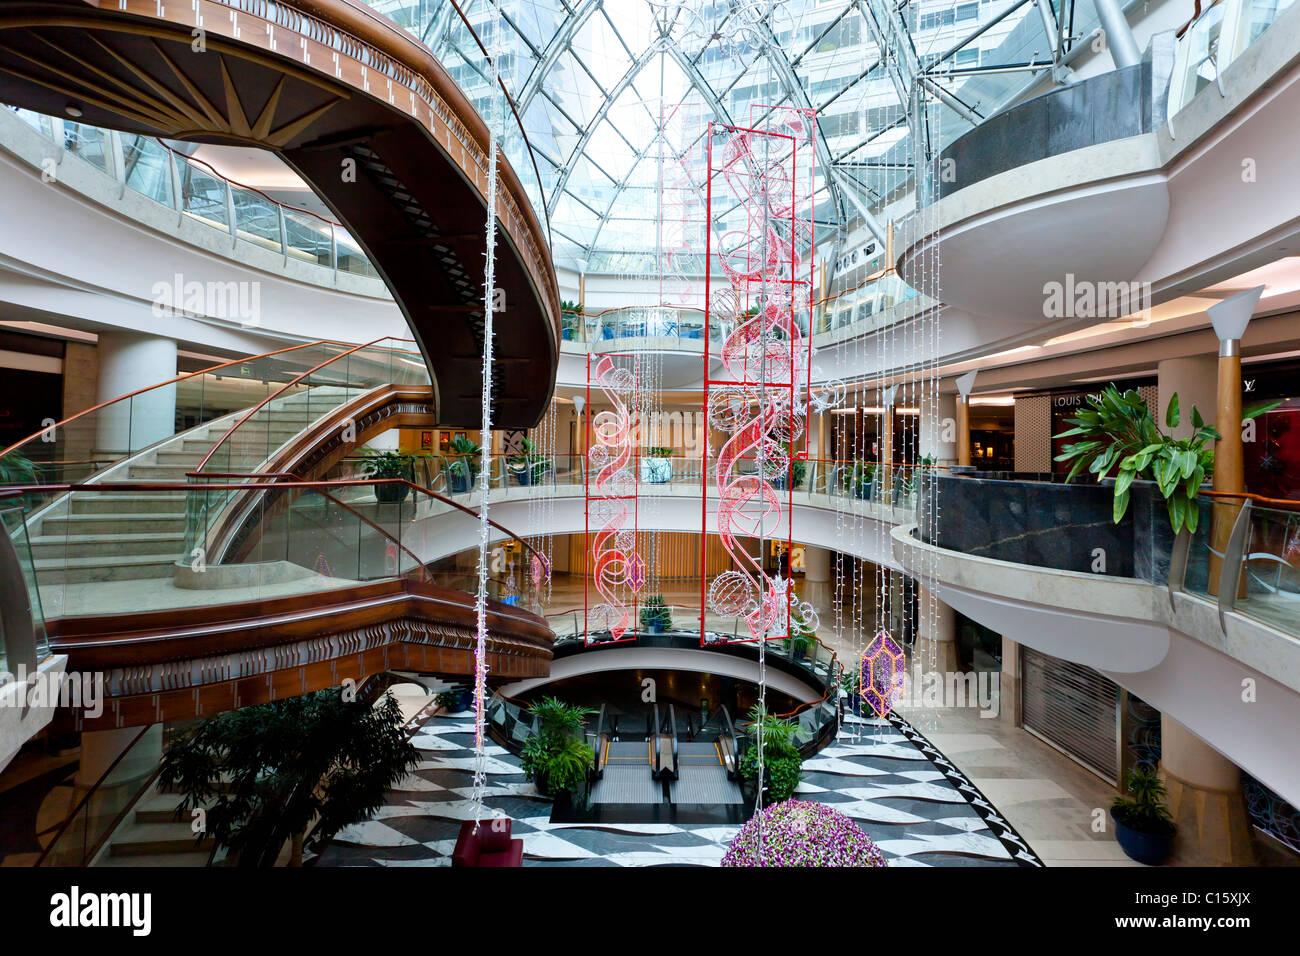 a burjuman area shopping mall in bur dubai dubai uae stock photo royalty free image 35166066. Black Bedroom Furniture Sets. Home Design Ideas